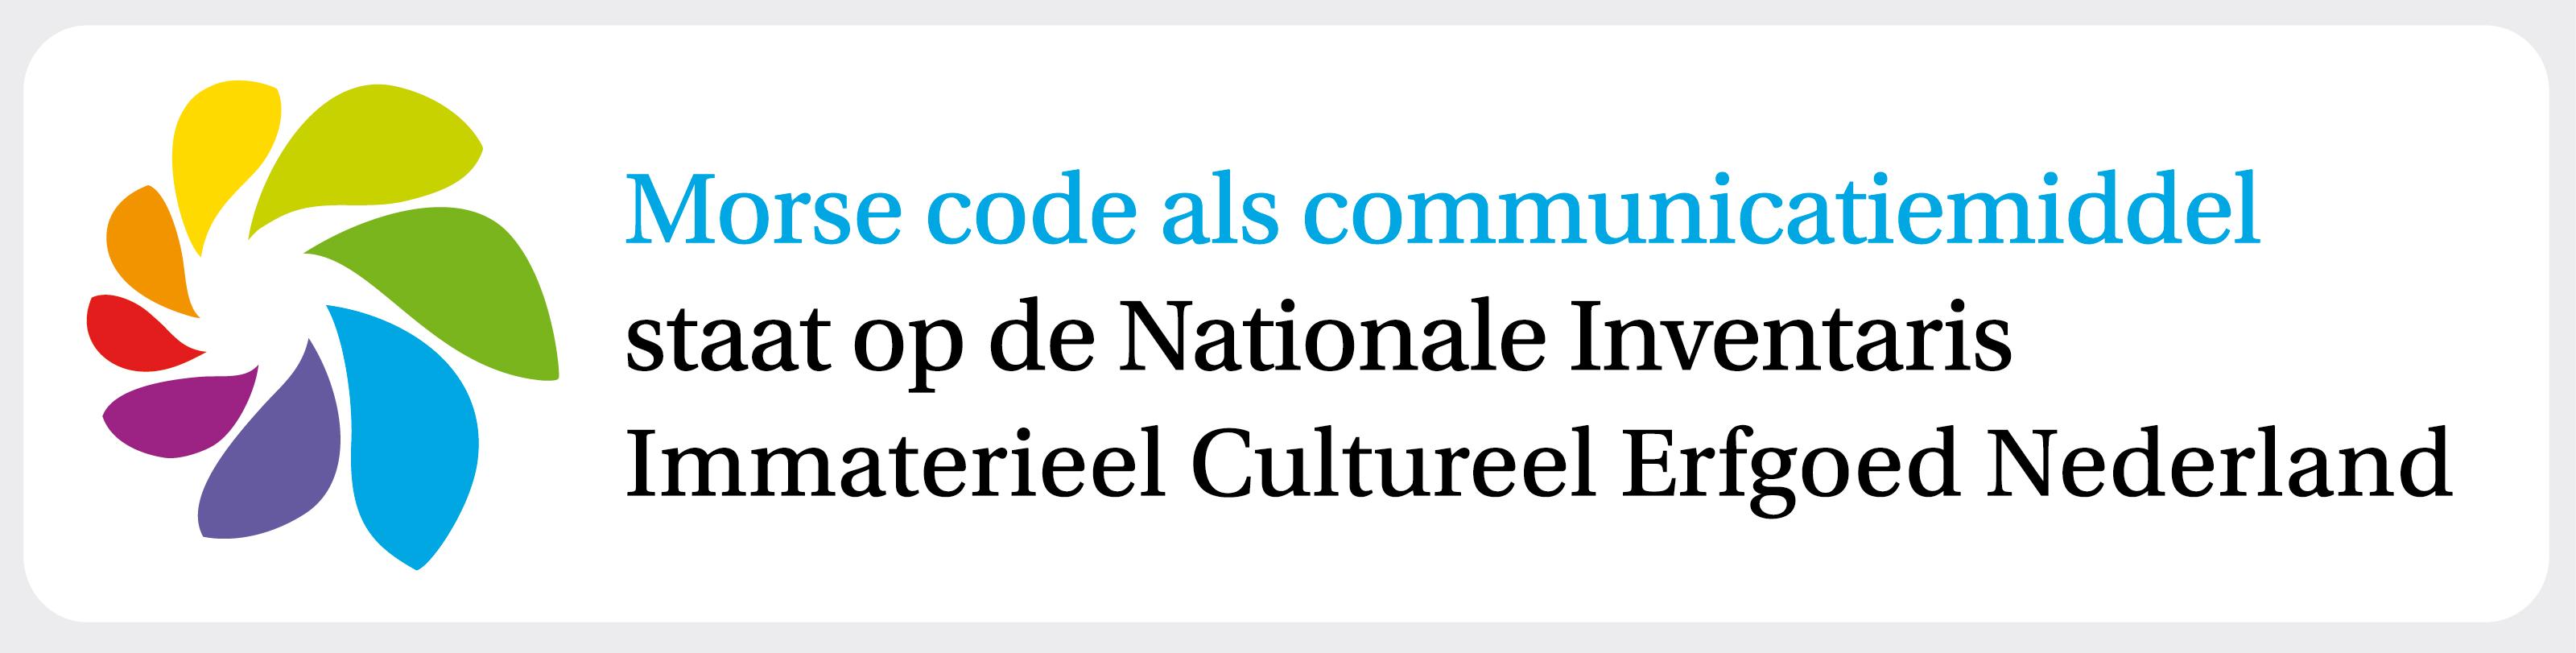 Dankzij de inspanningen van de VERON staat morsecode op de Nationale Inventaris Immaterieel Cultureel Erfgoed.